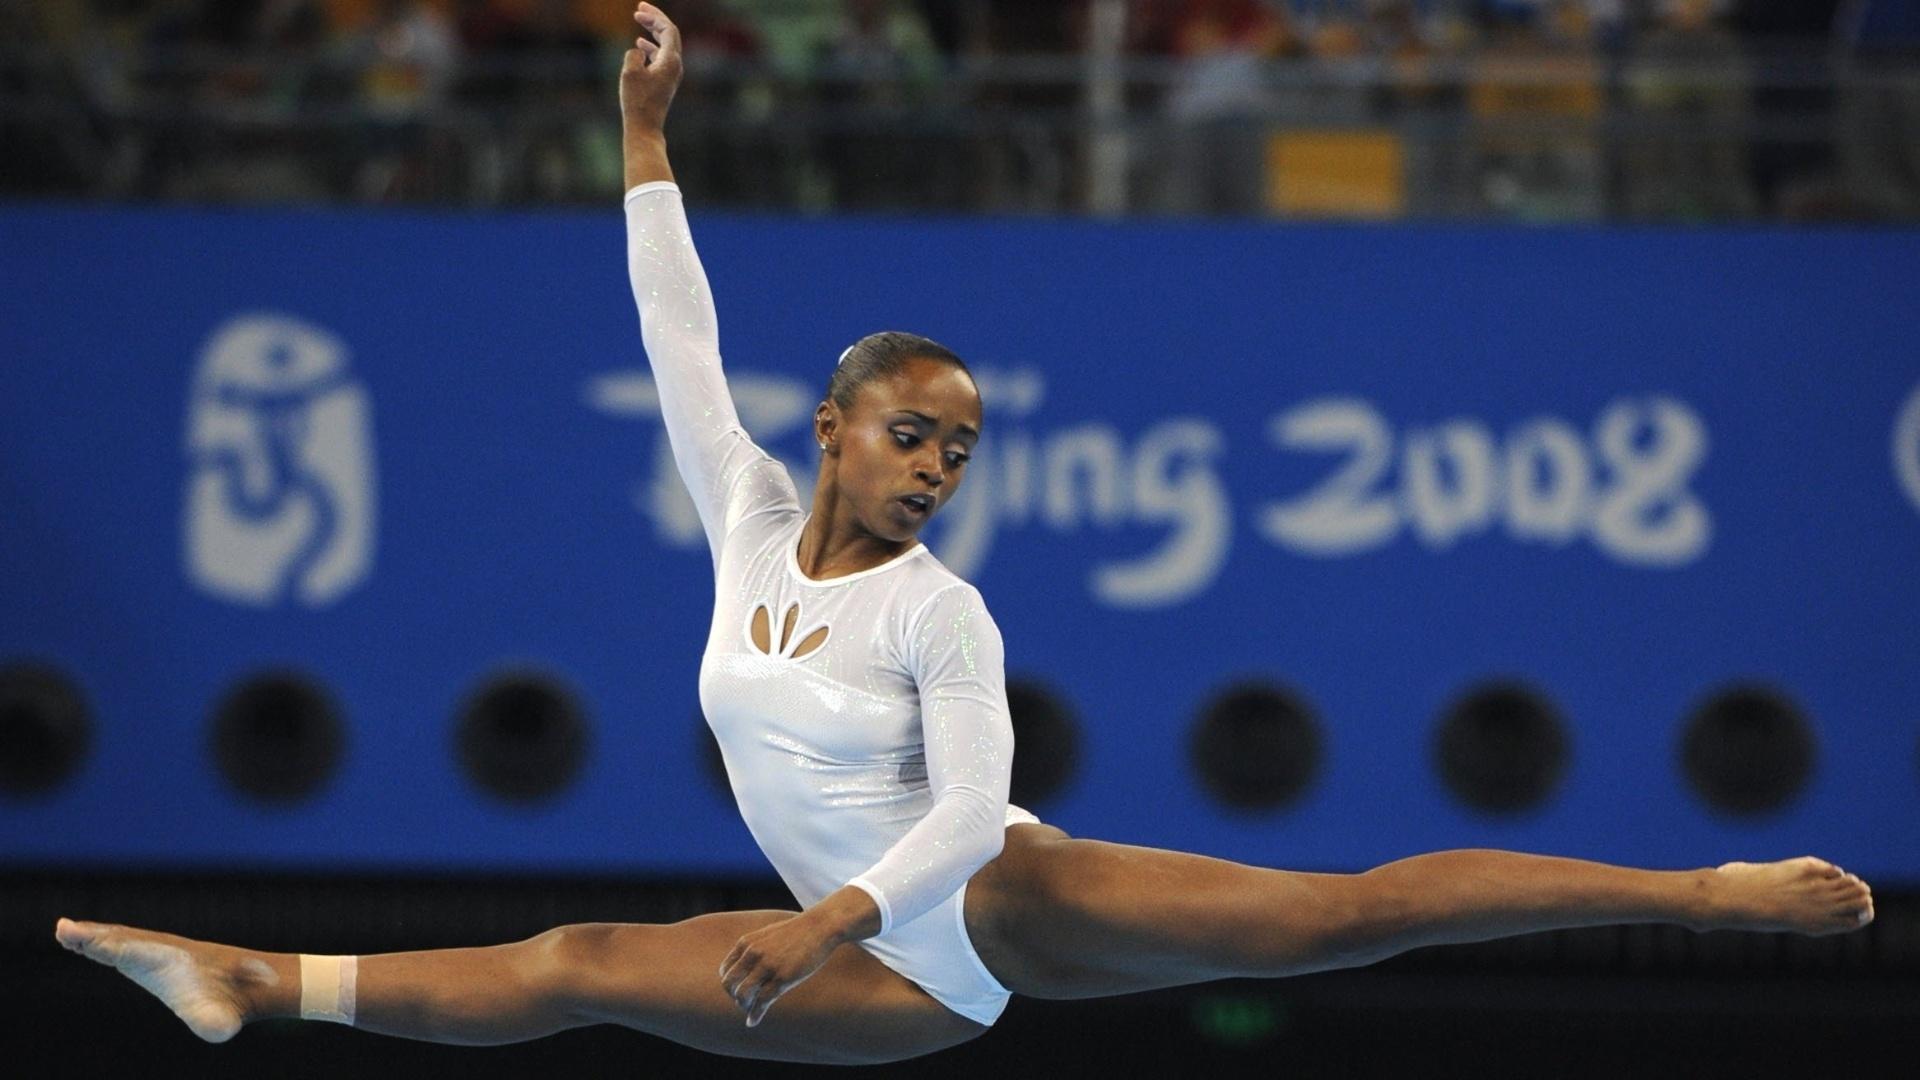 Daiane se apresenta nos Jogos Olímpicos de Pequim, na China, em 2008